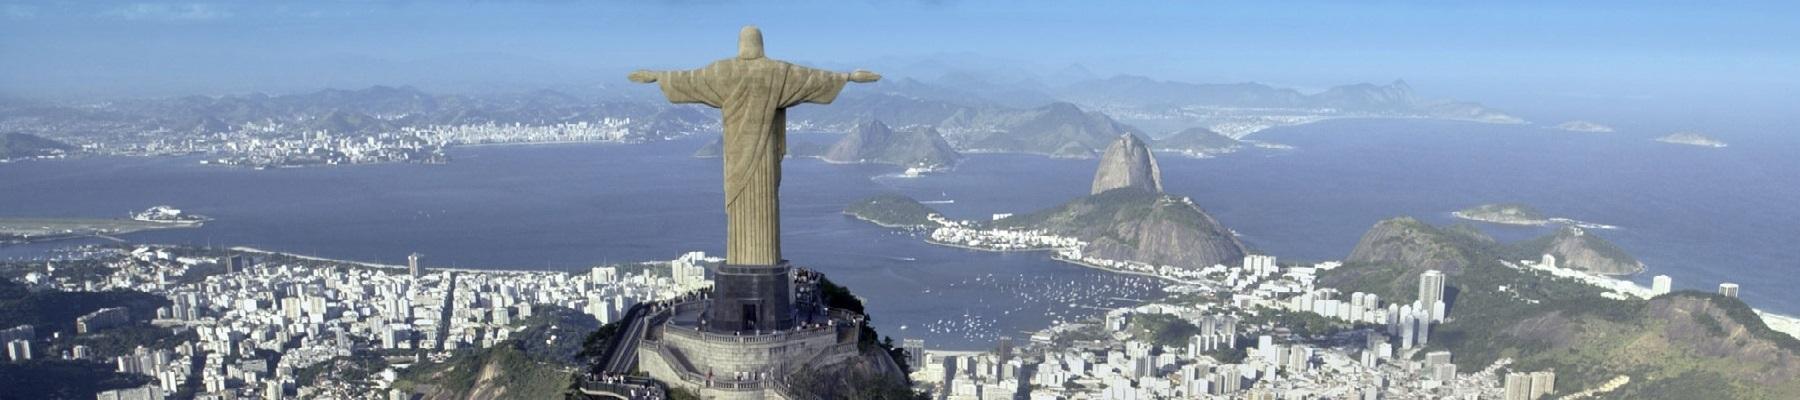 Vacation Brazil